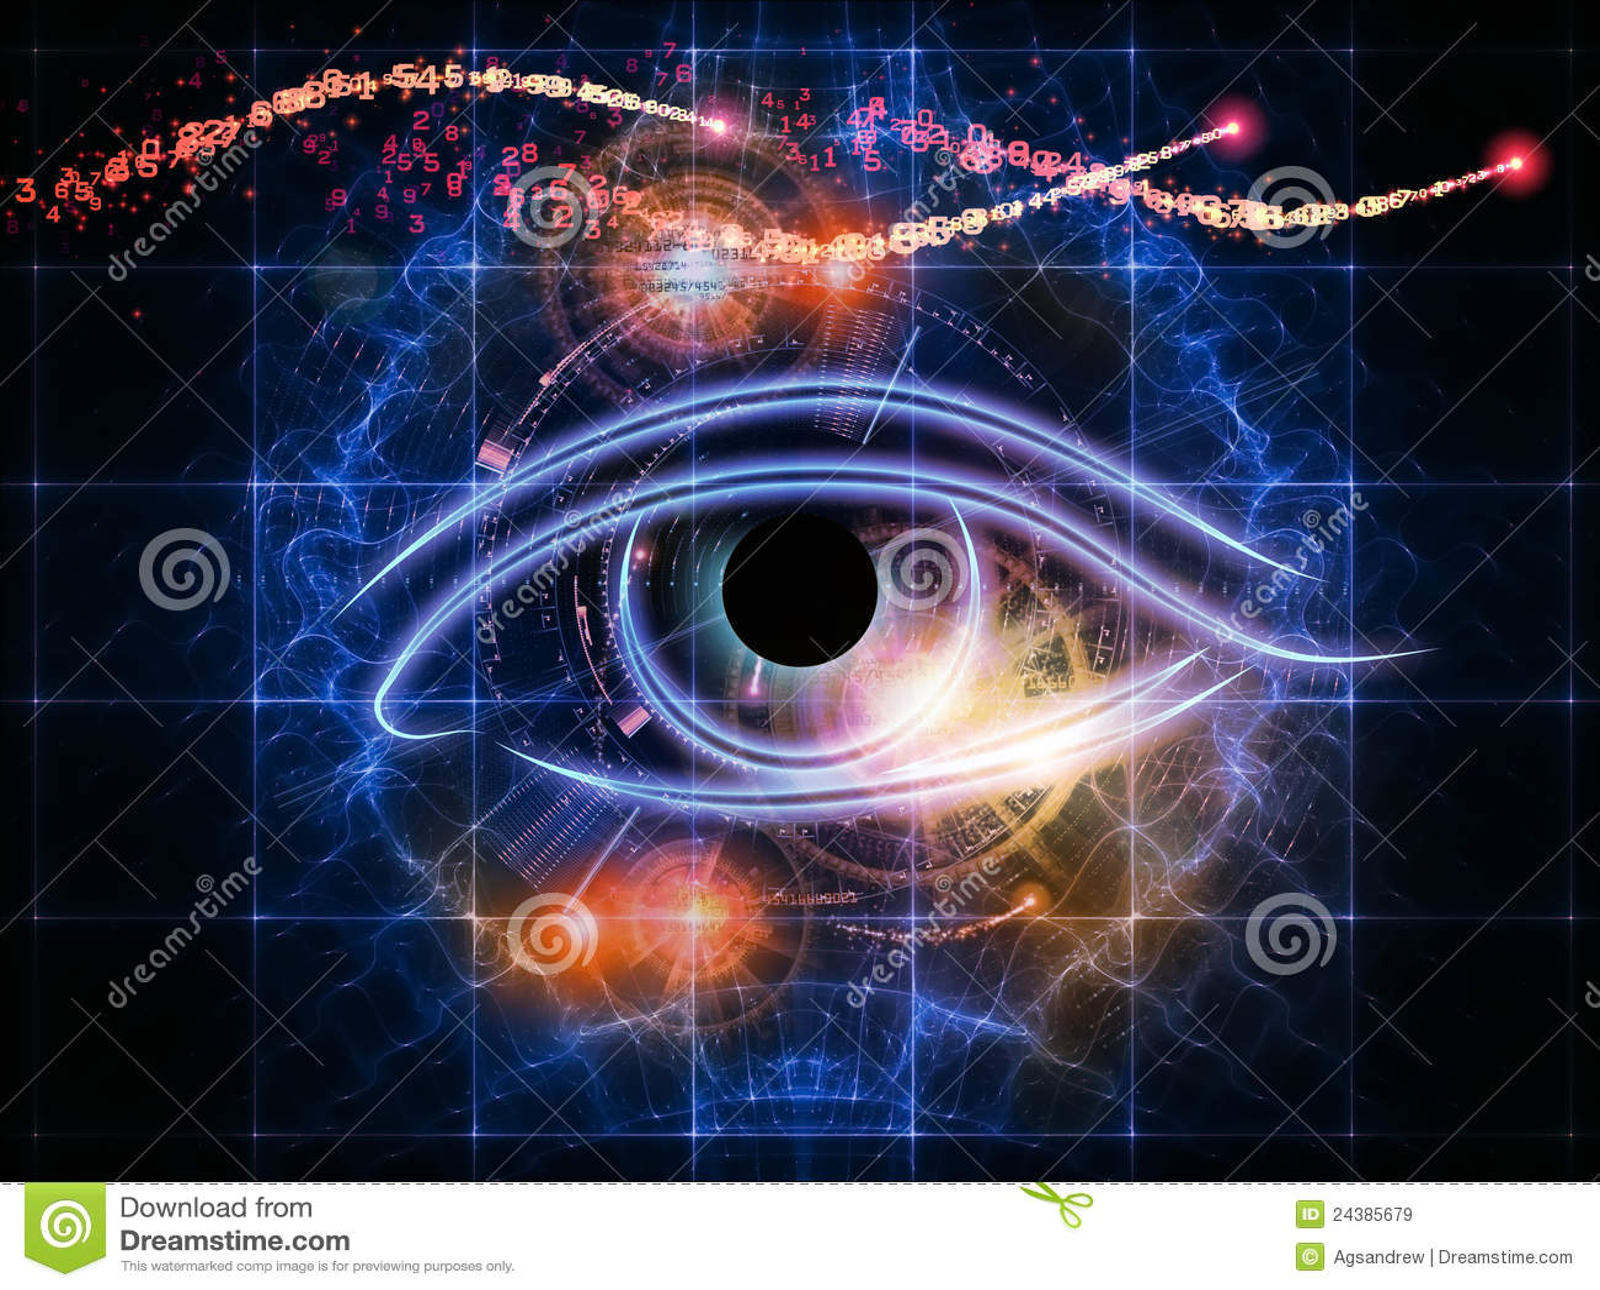 抽象人为,虚拟组成的设计数字式要素眼睛分数维想象智能机械隐喻图片